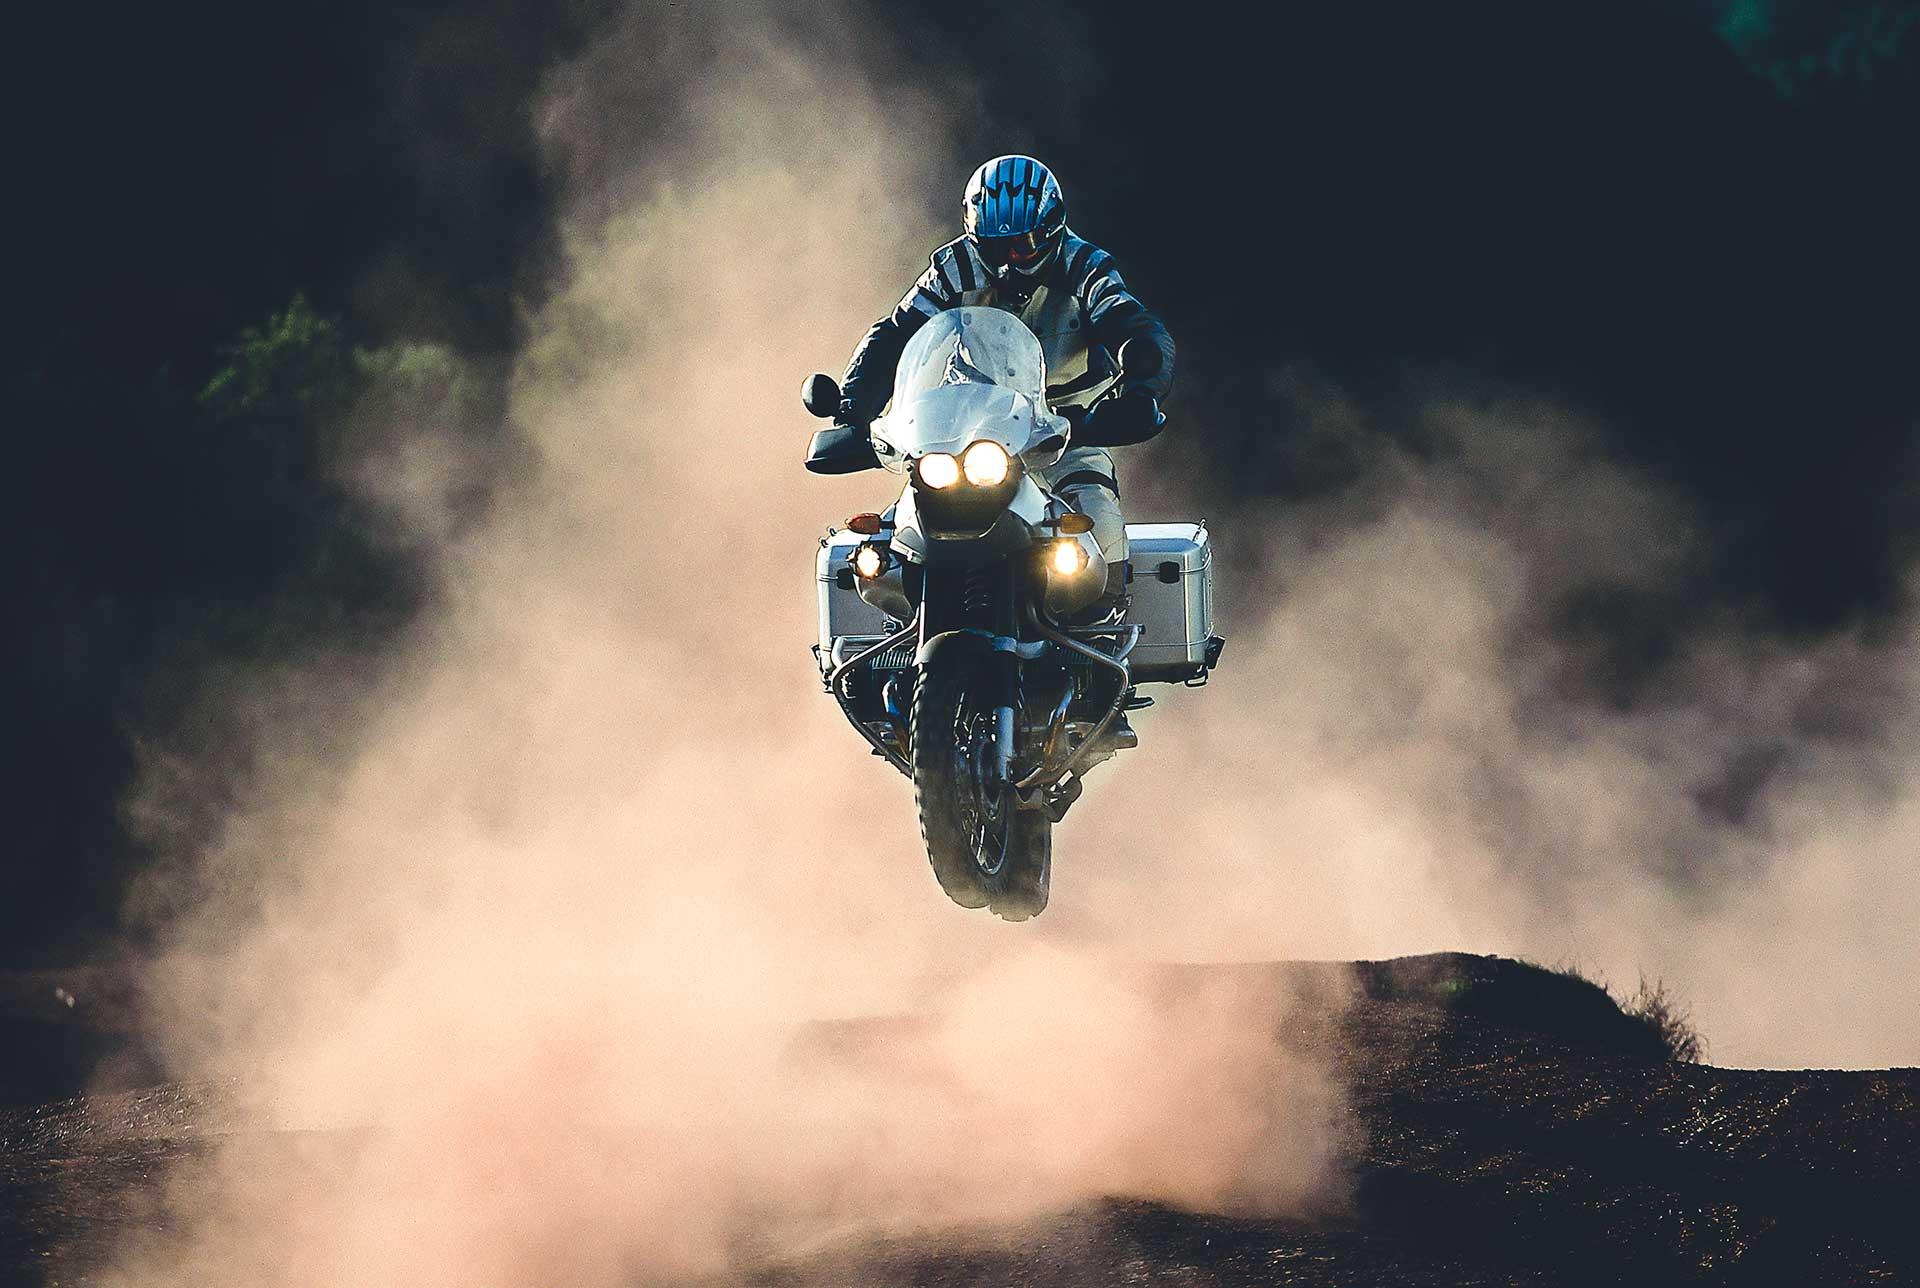 BMW GS Abenteuer Fotograf Sprung Aktion Motorrad Reise Enduro Hamburg